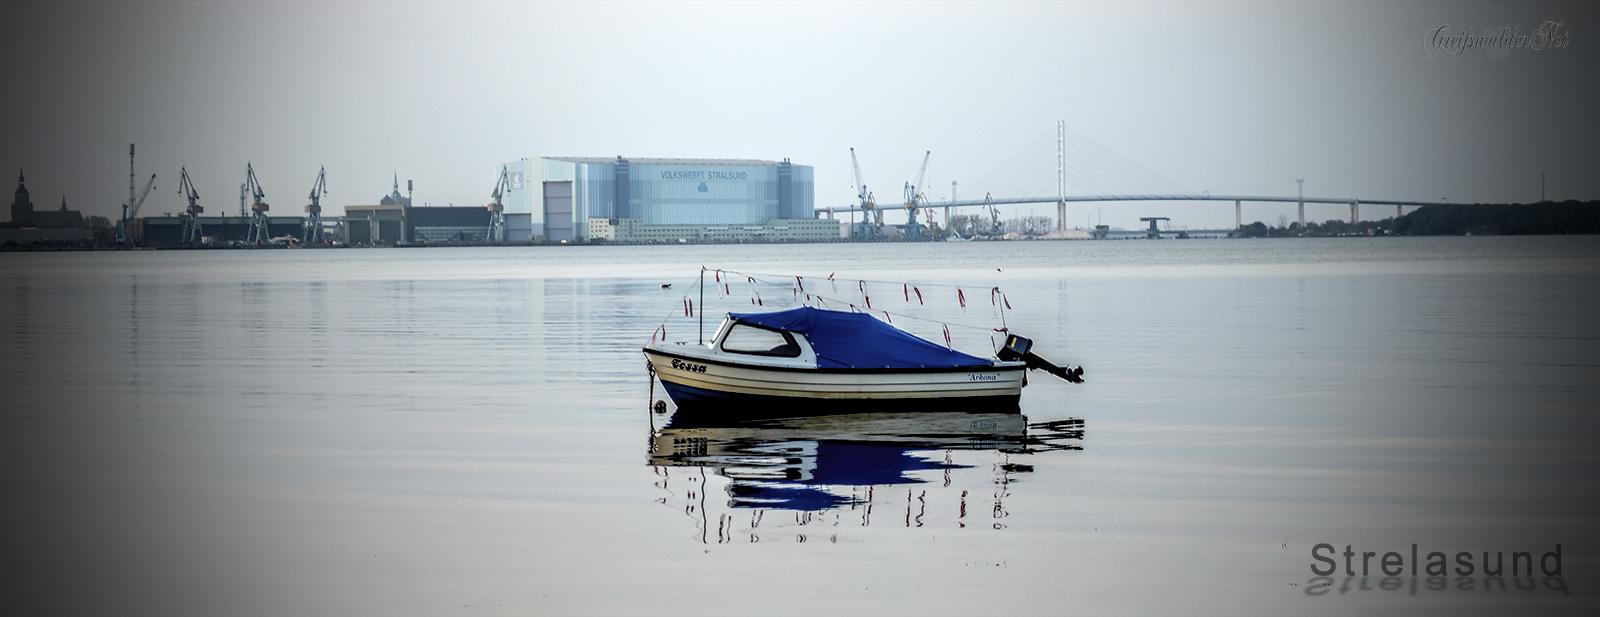 Boot auf dem Strelasund